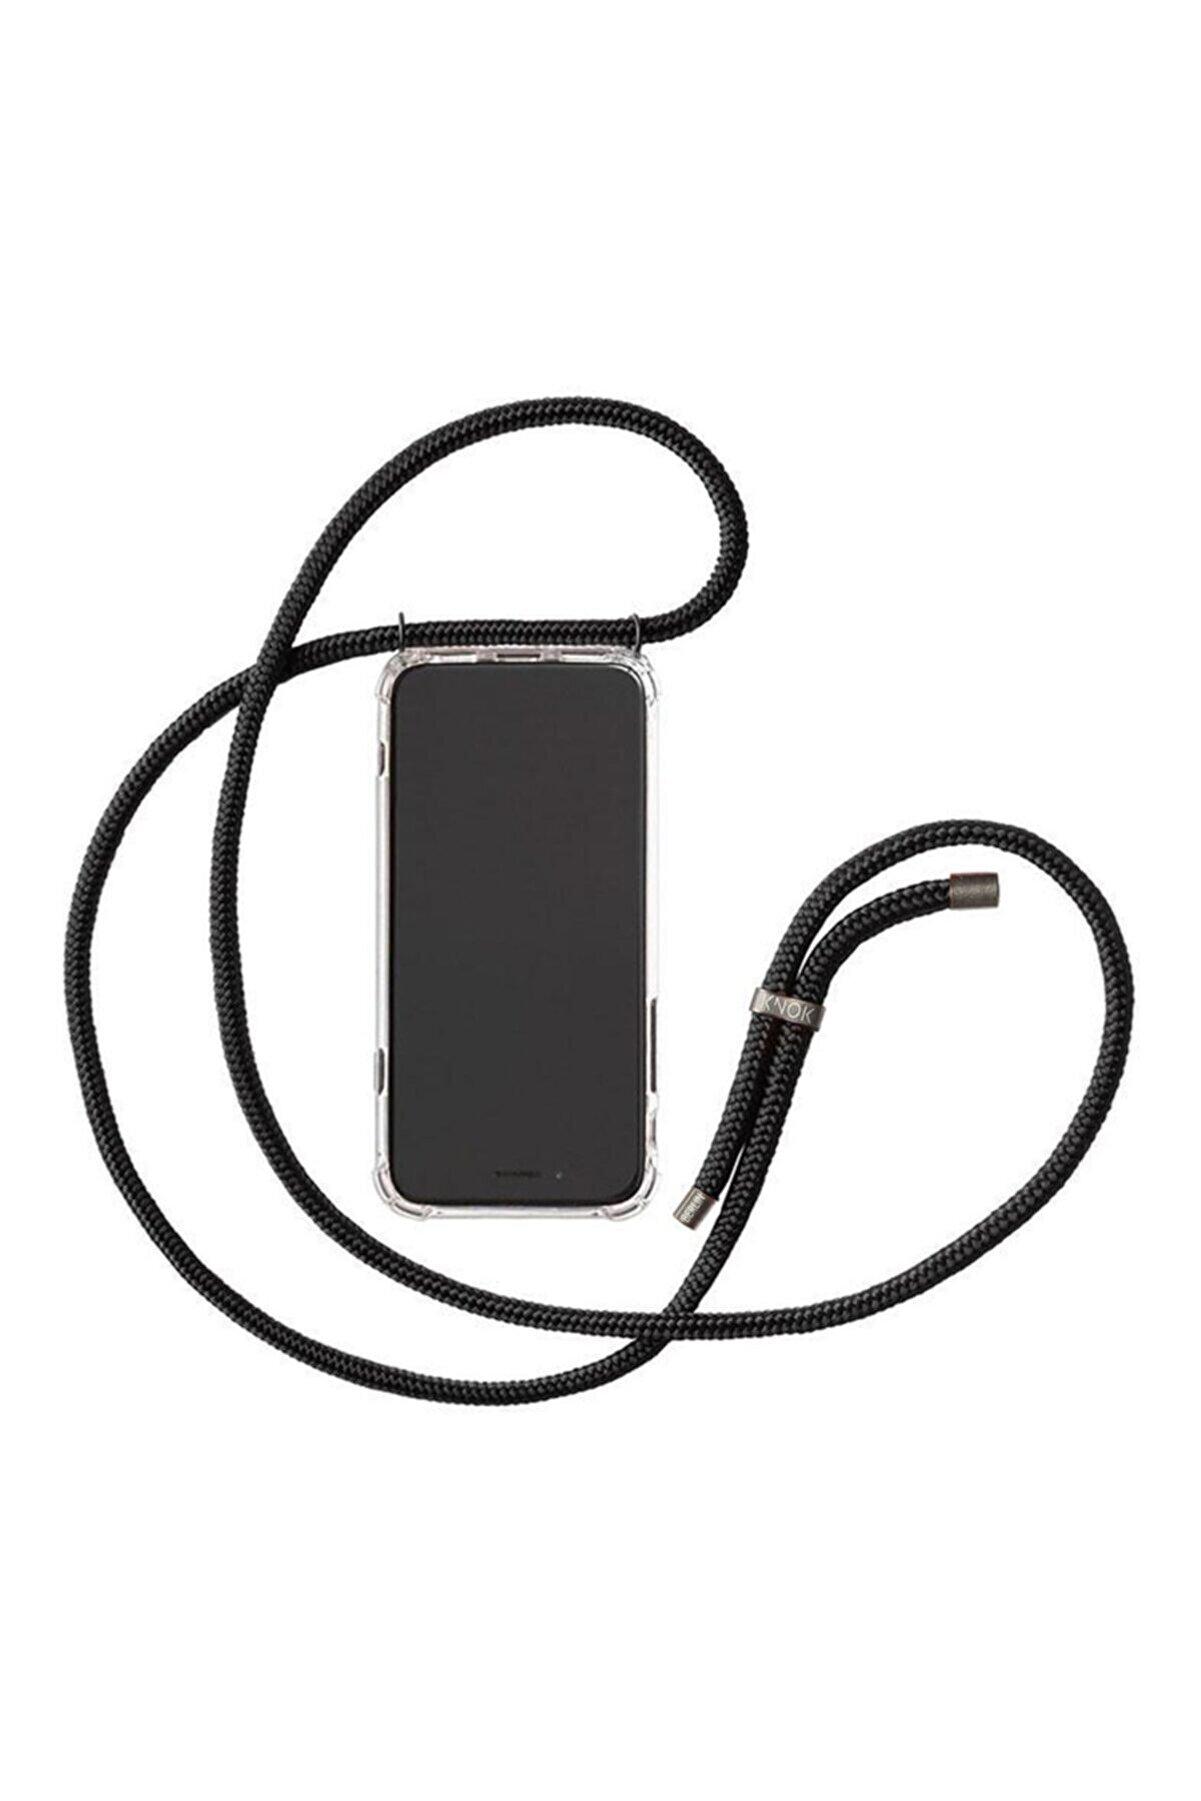 """Teknoçeri Iphone 11 6.1""""Uyumlu Şeffaf Boyun Askılı Ipli Kılıf"""